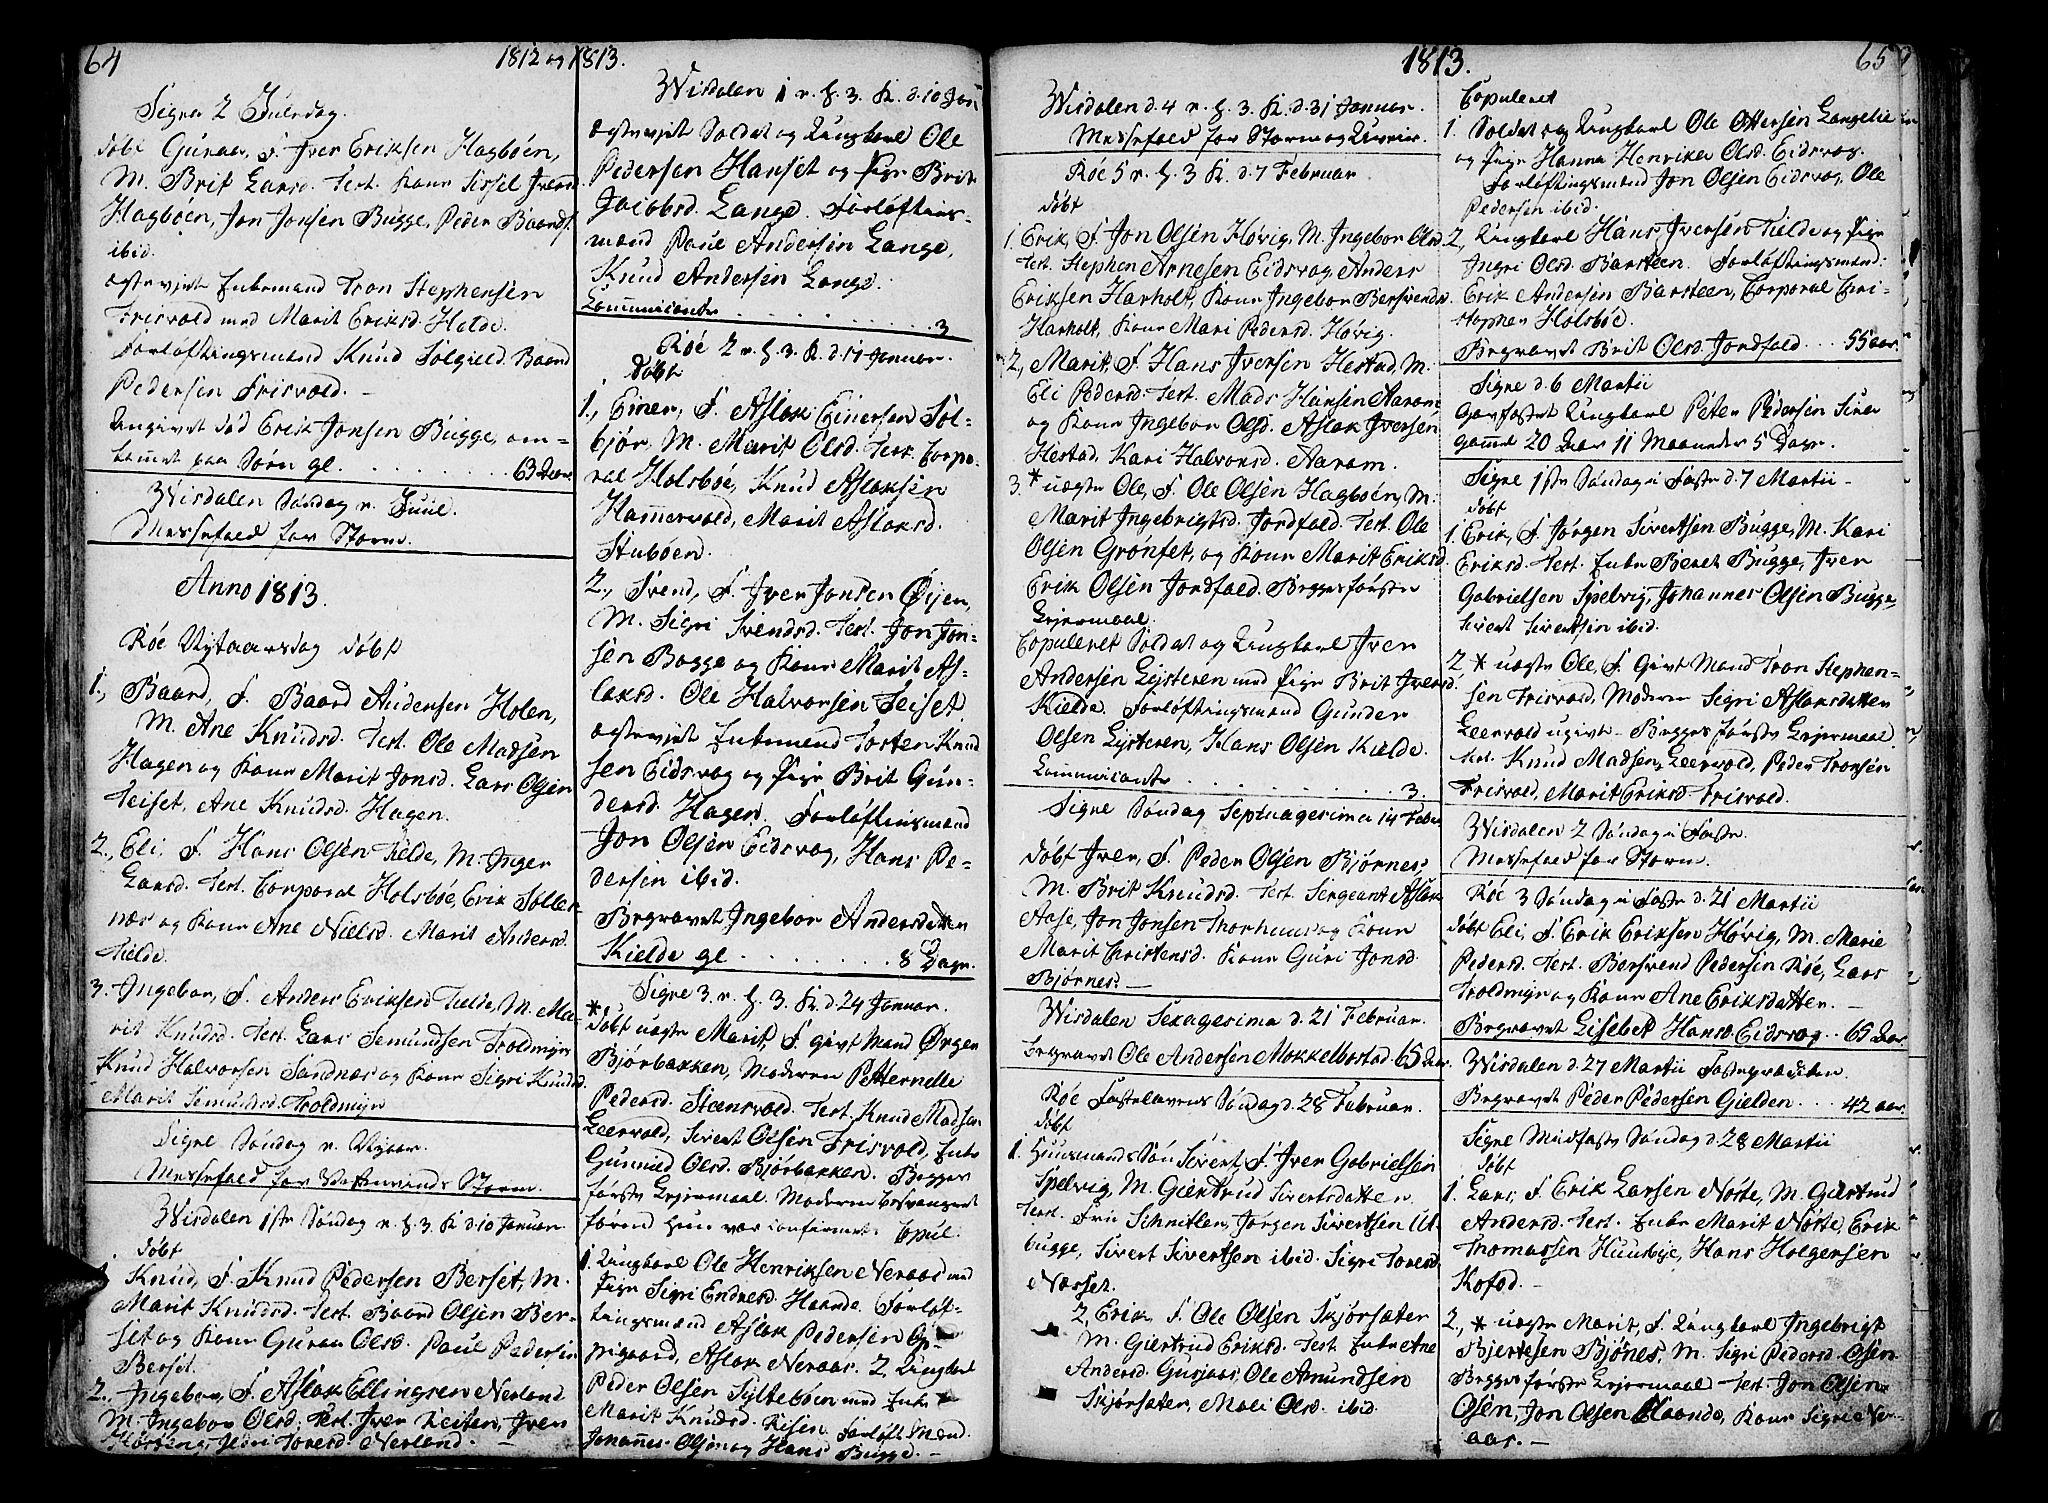 SAT, Ministerialprotokoller, klokkerbøker og fødselsregistre - Møre og Romsdal, 551/L0622: Ministerialbok nr. 551A02, 1804-1845, s. 64-65